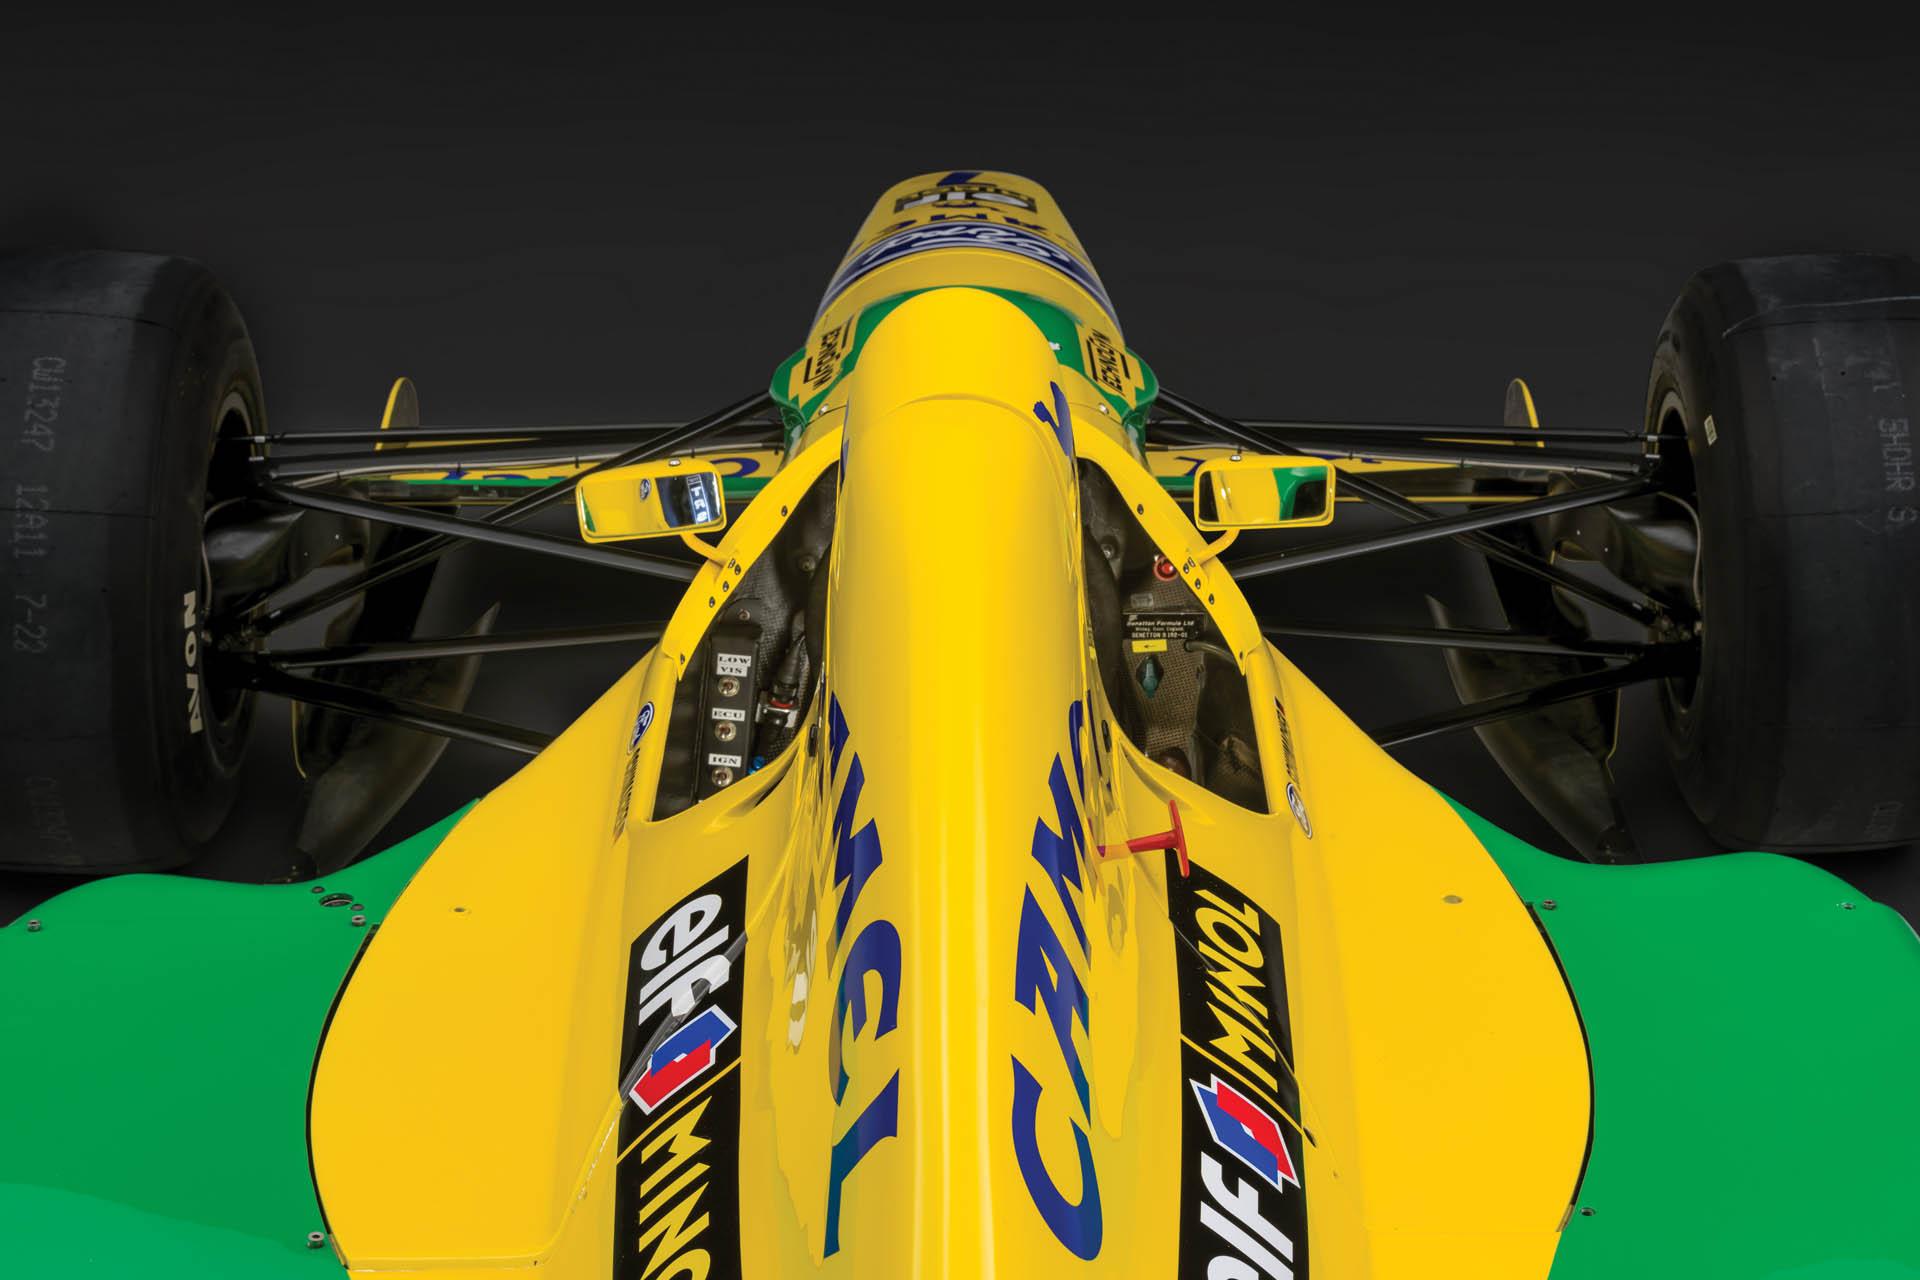 1992_Benetton_)B192_0007